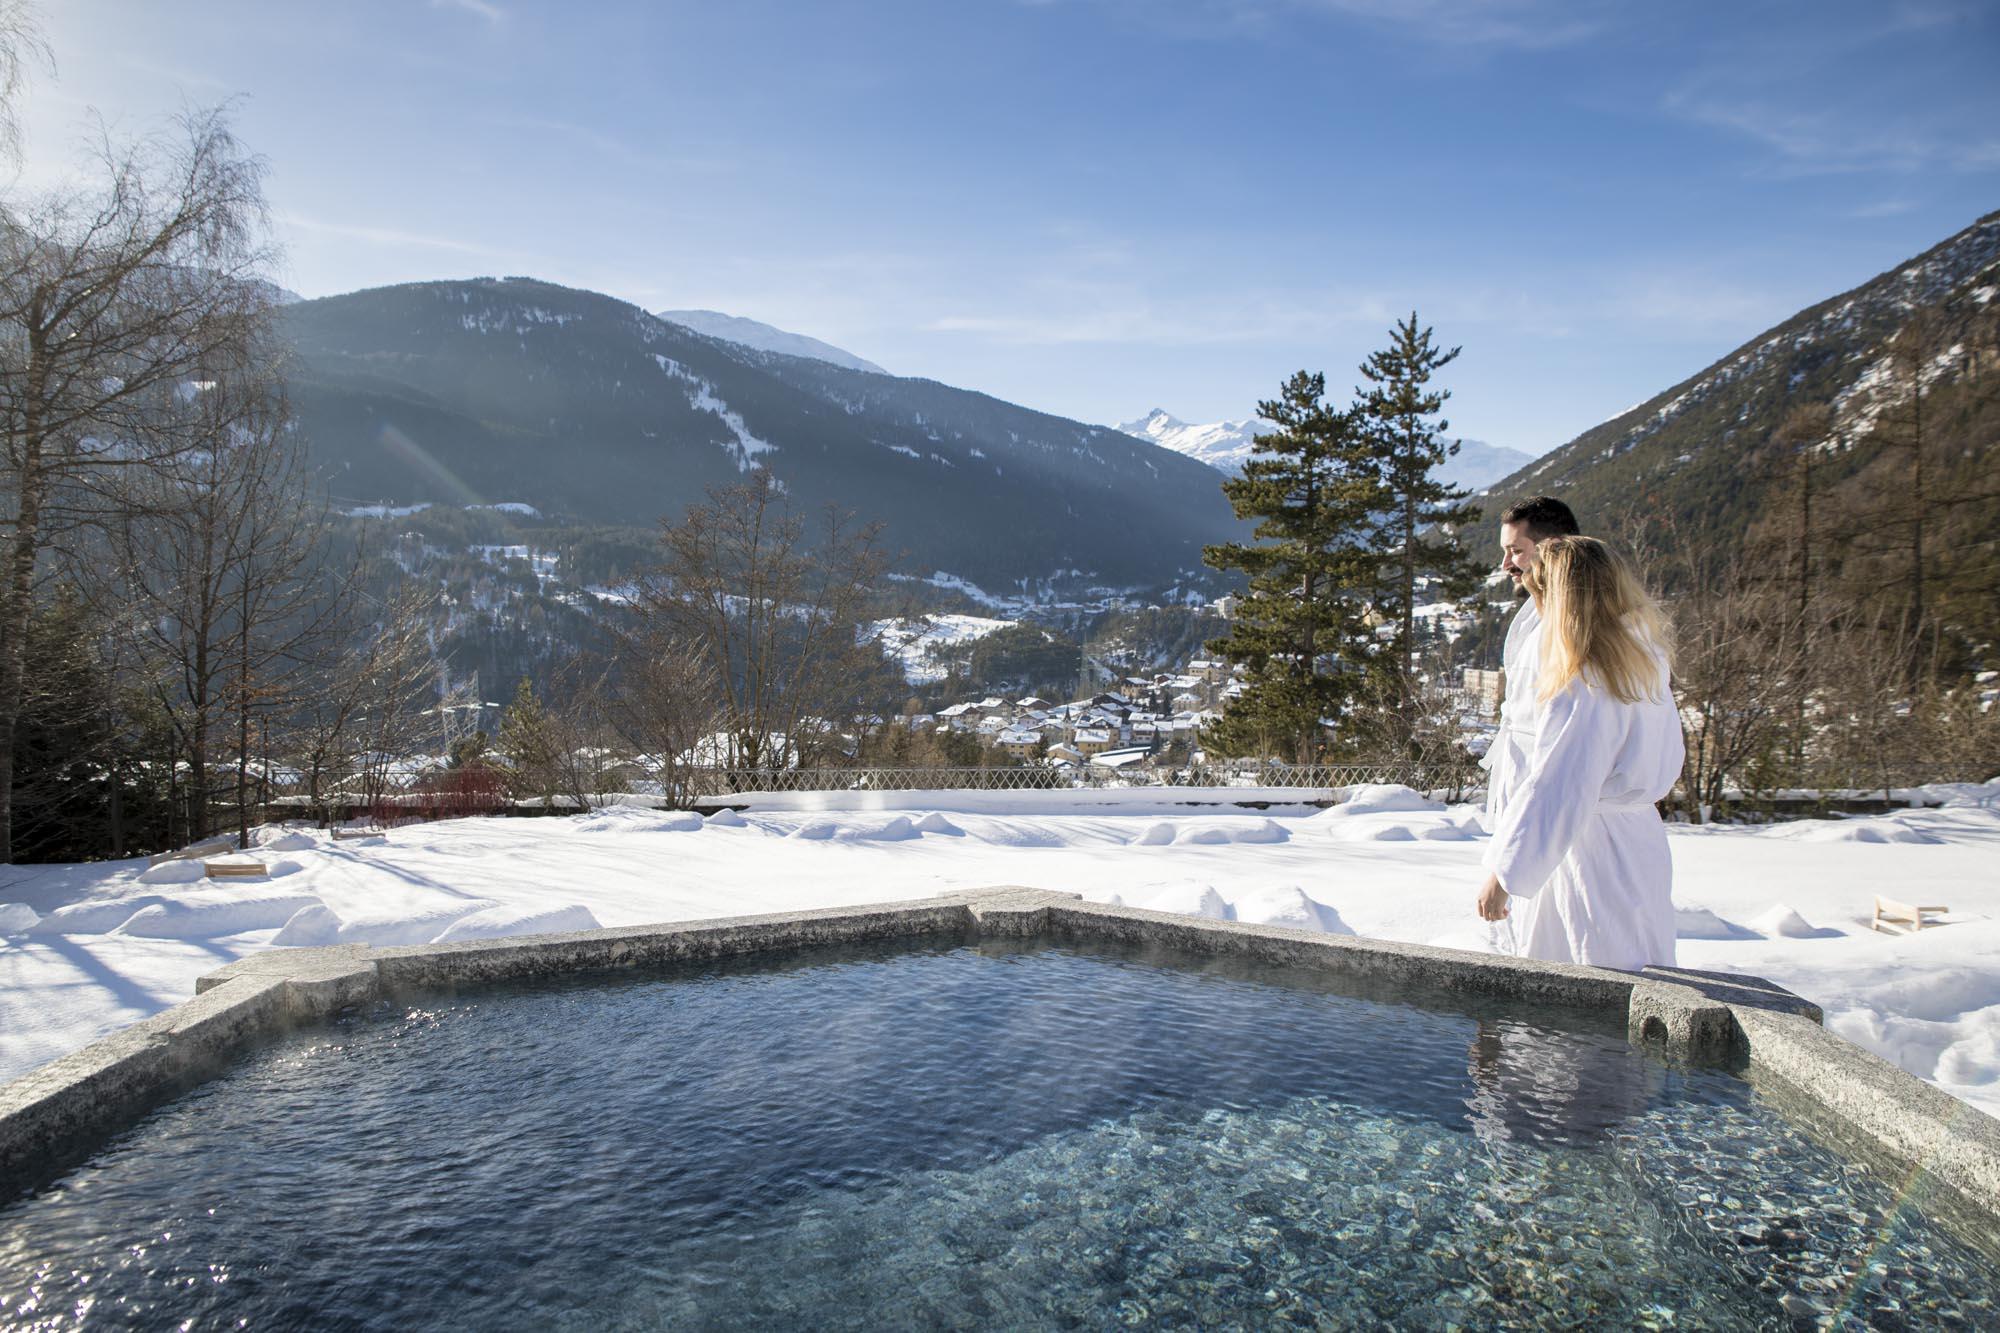 Undici originali idee regalo per lui per San Valentino 2019 - beauty, accessori, gioielli, tech, tecnologia, libri, esperienze - QC Terme spa massaggio di coppia